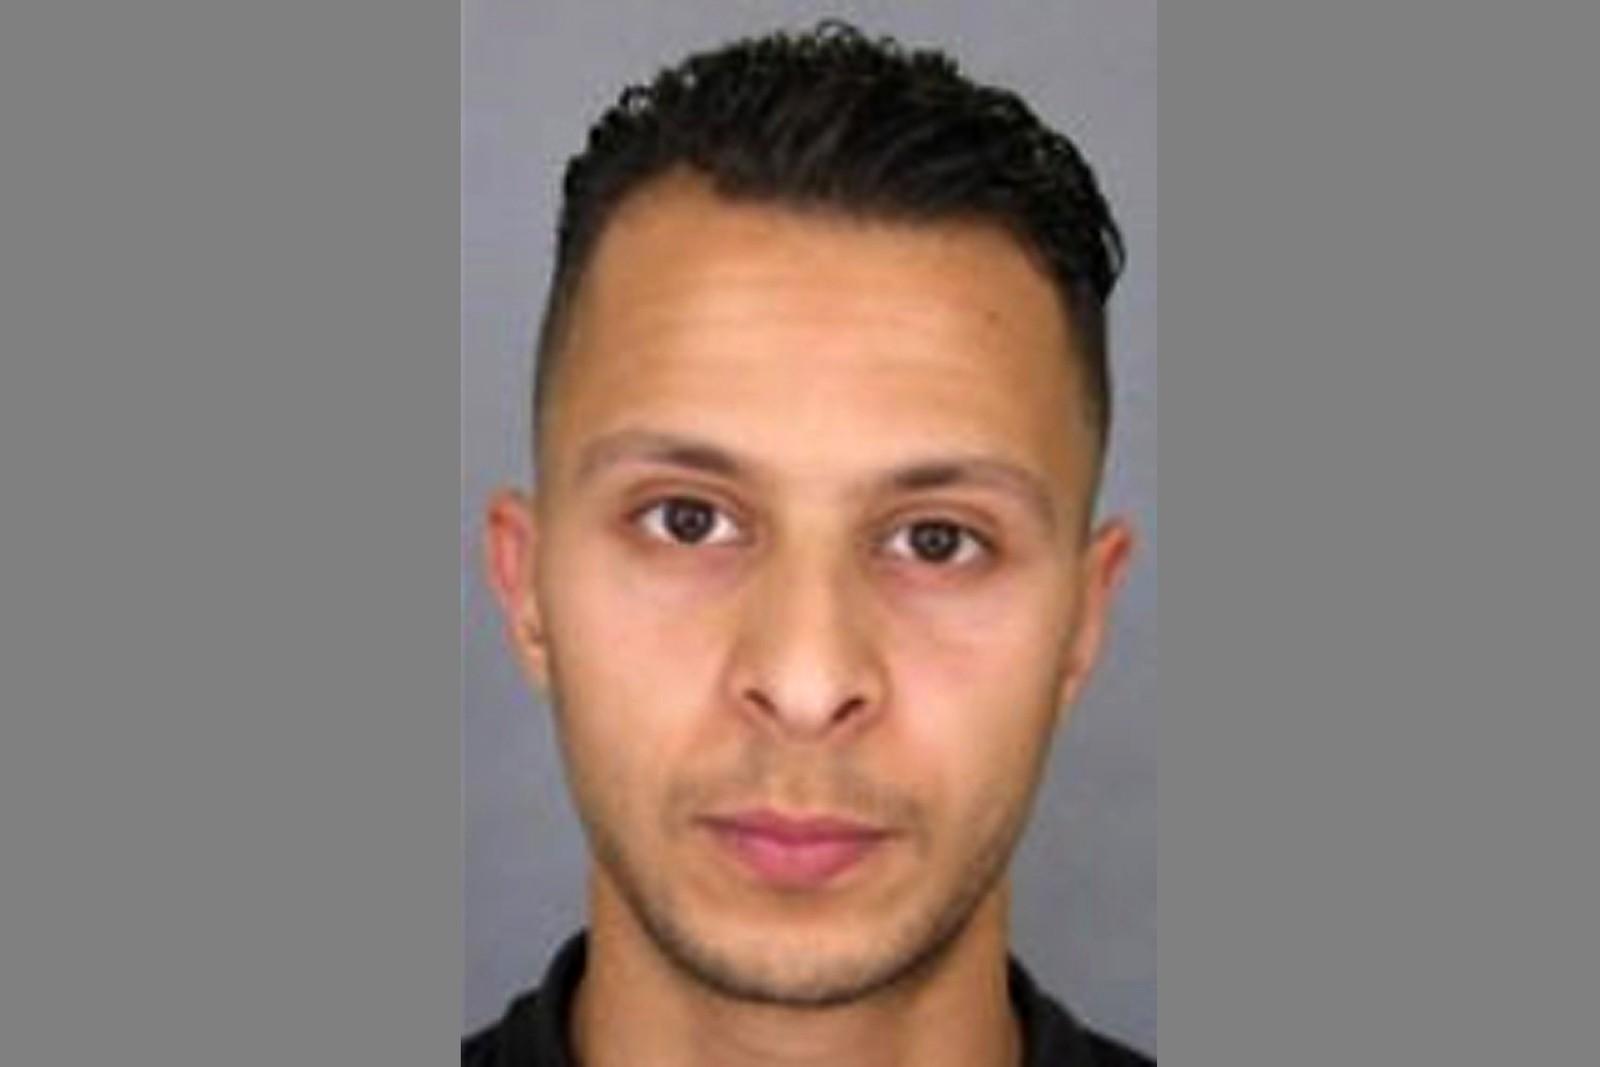 Dette fotografiet ble brukt da politiet etterlyste Salah Abdeslam.